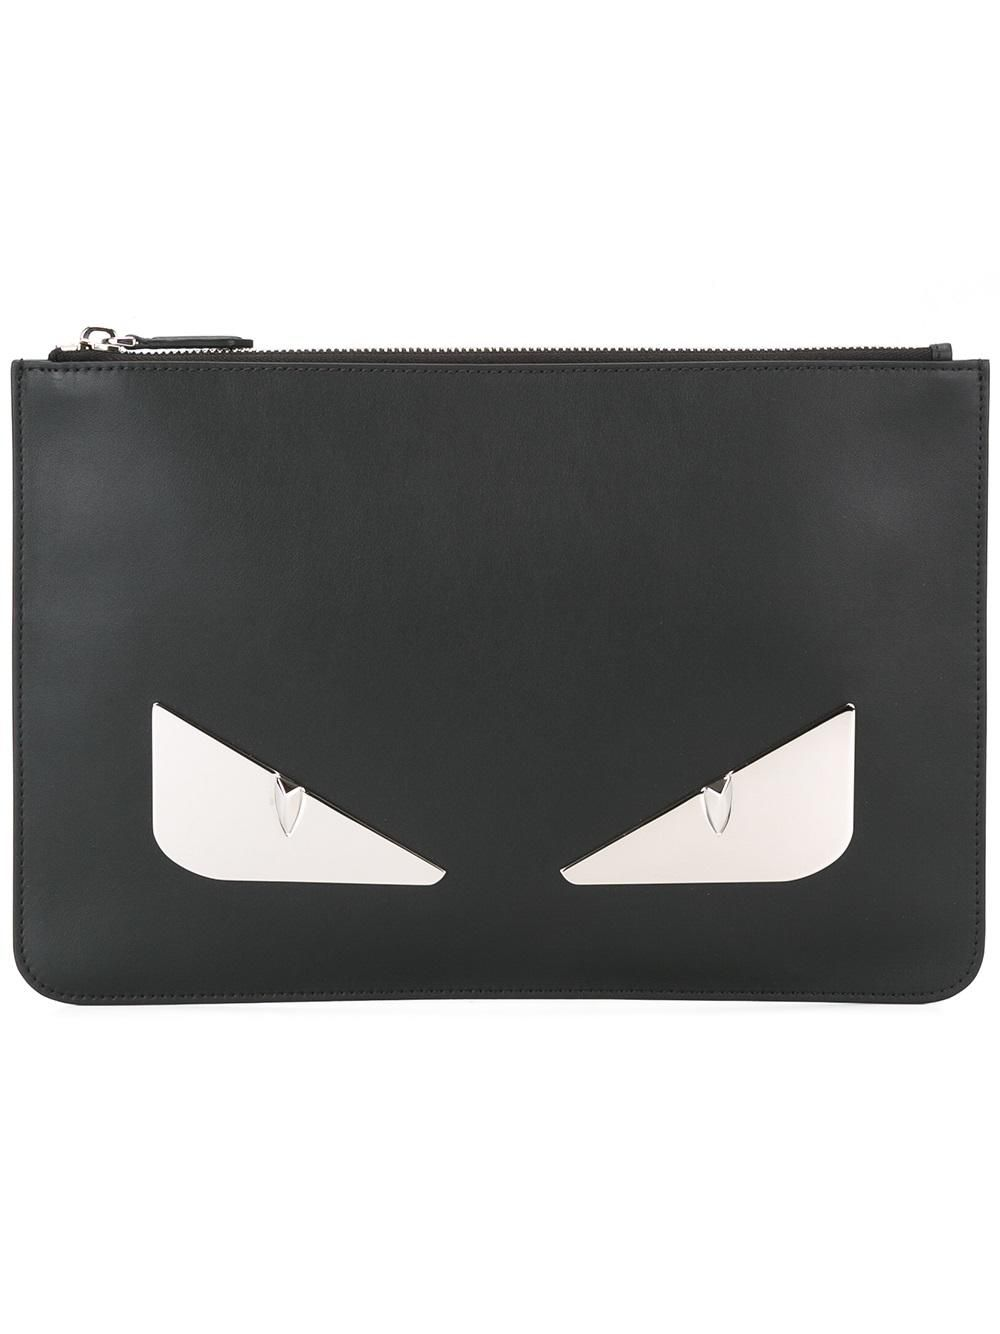 #fendi #new #bagbugs #clutch #pouchette #black #white #men www.jofre.eu